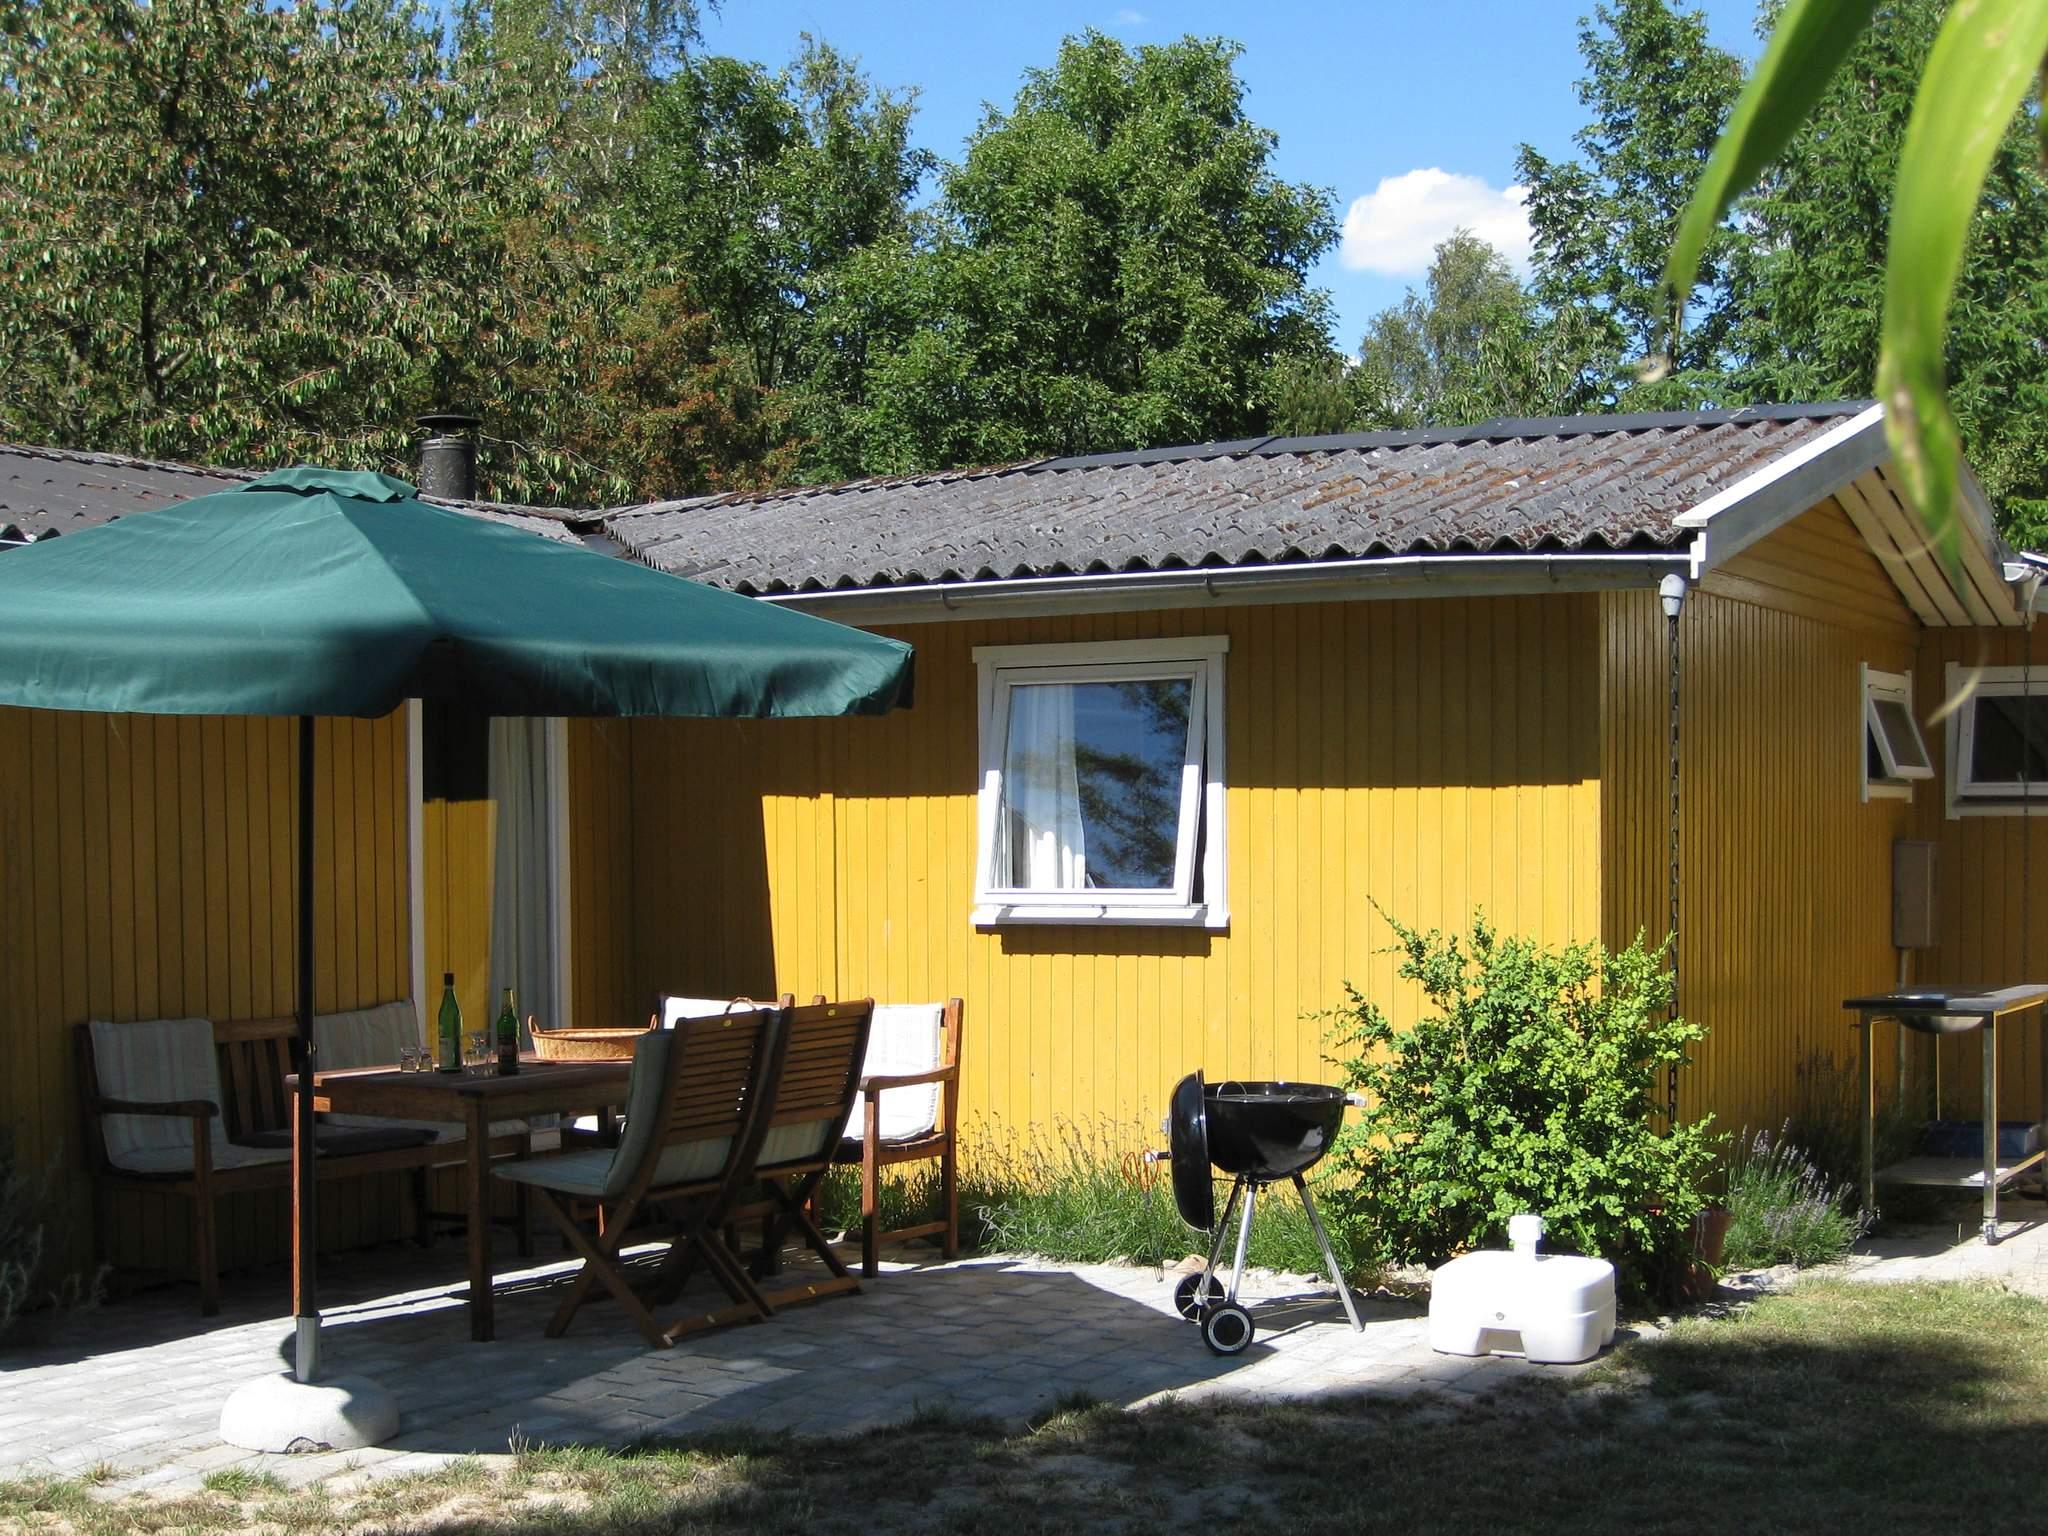 Ferienhaus Hummingen (85638), Hummingen, , Lolland, Dänemark, Bild 10